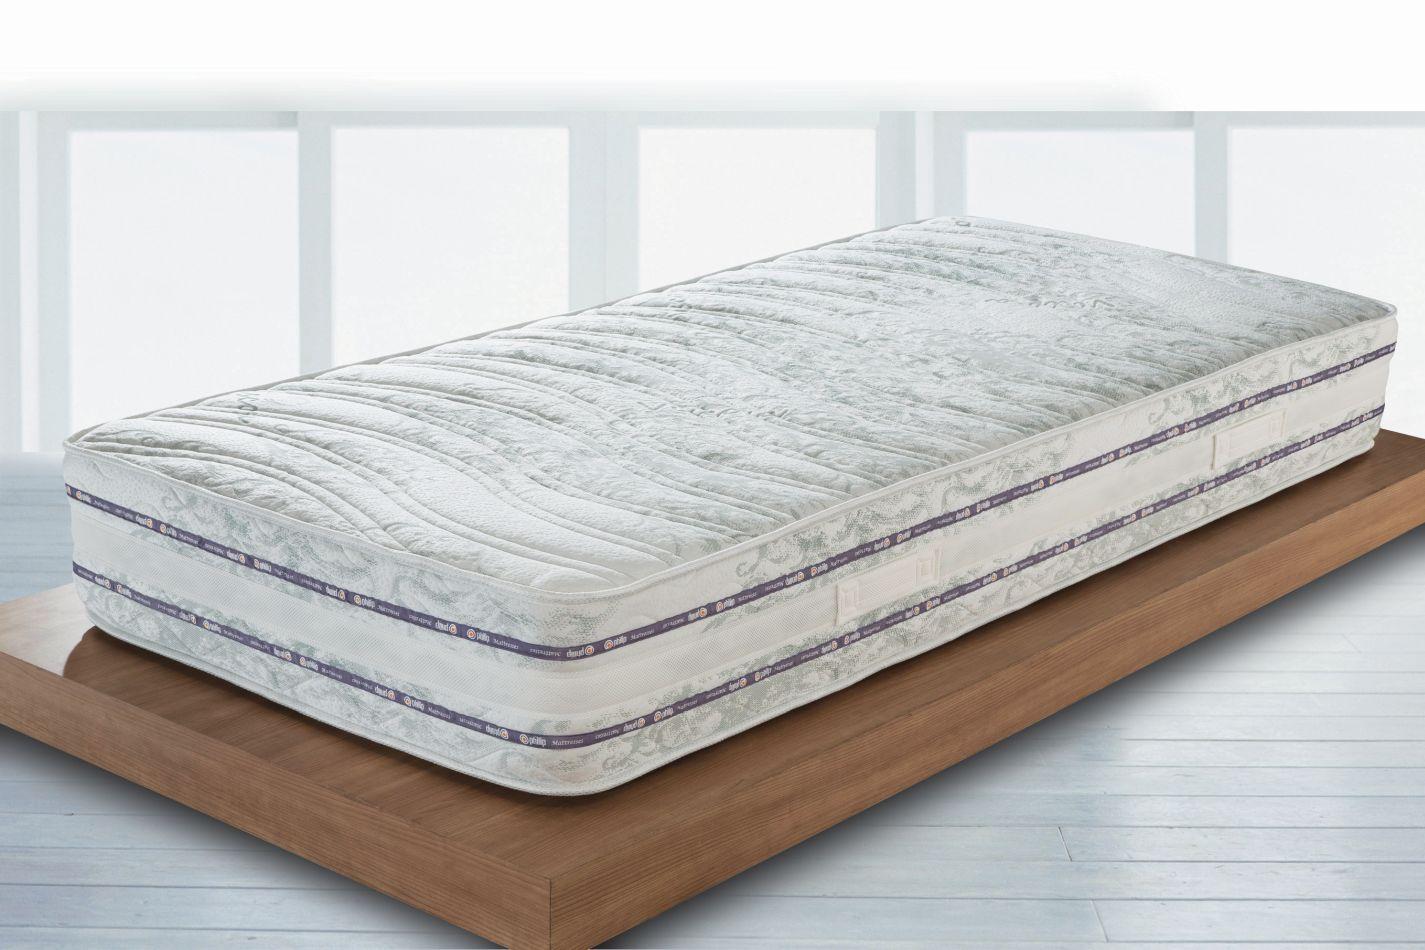 Matratze Balance mit Taschen Federkern - Abmessungen: 140 x 190 cm